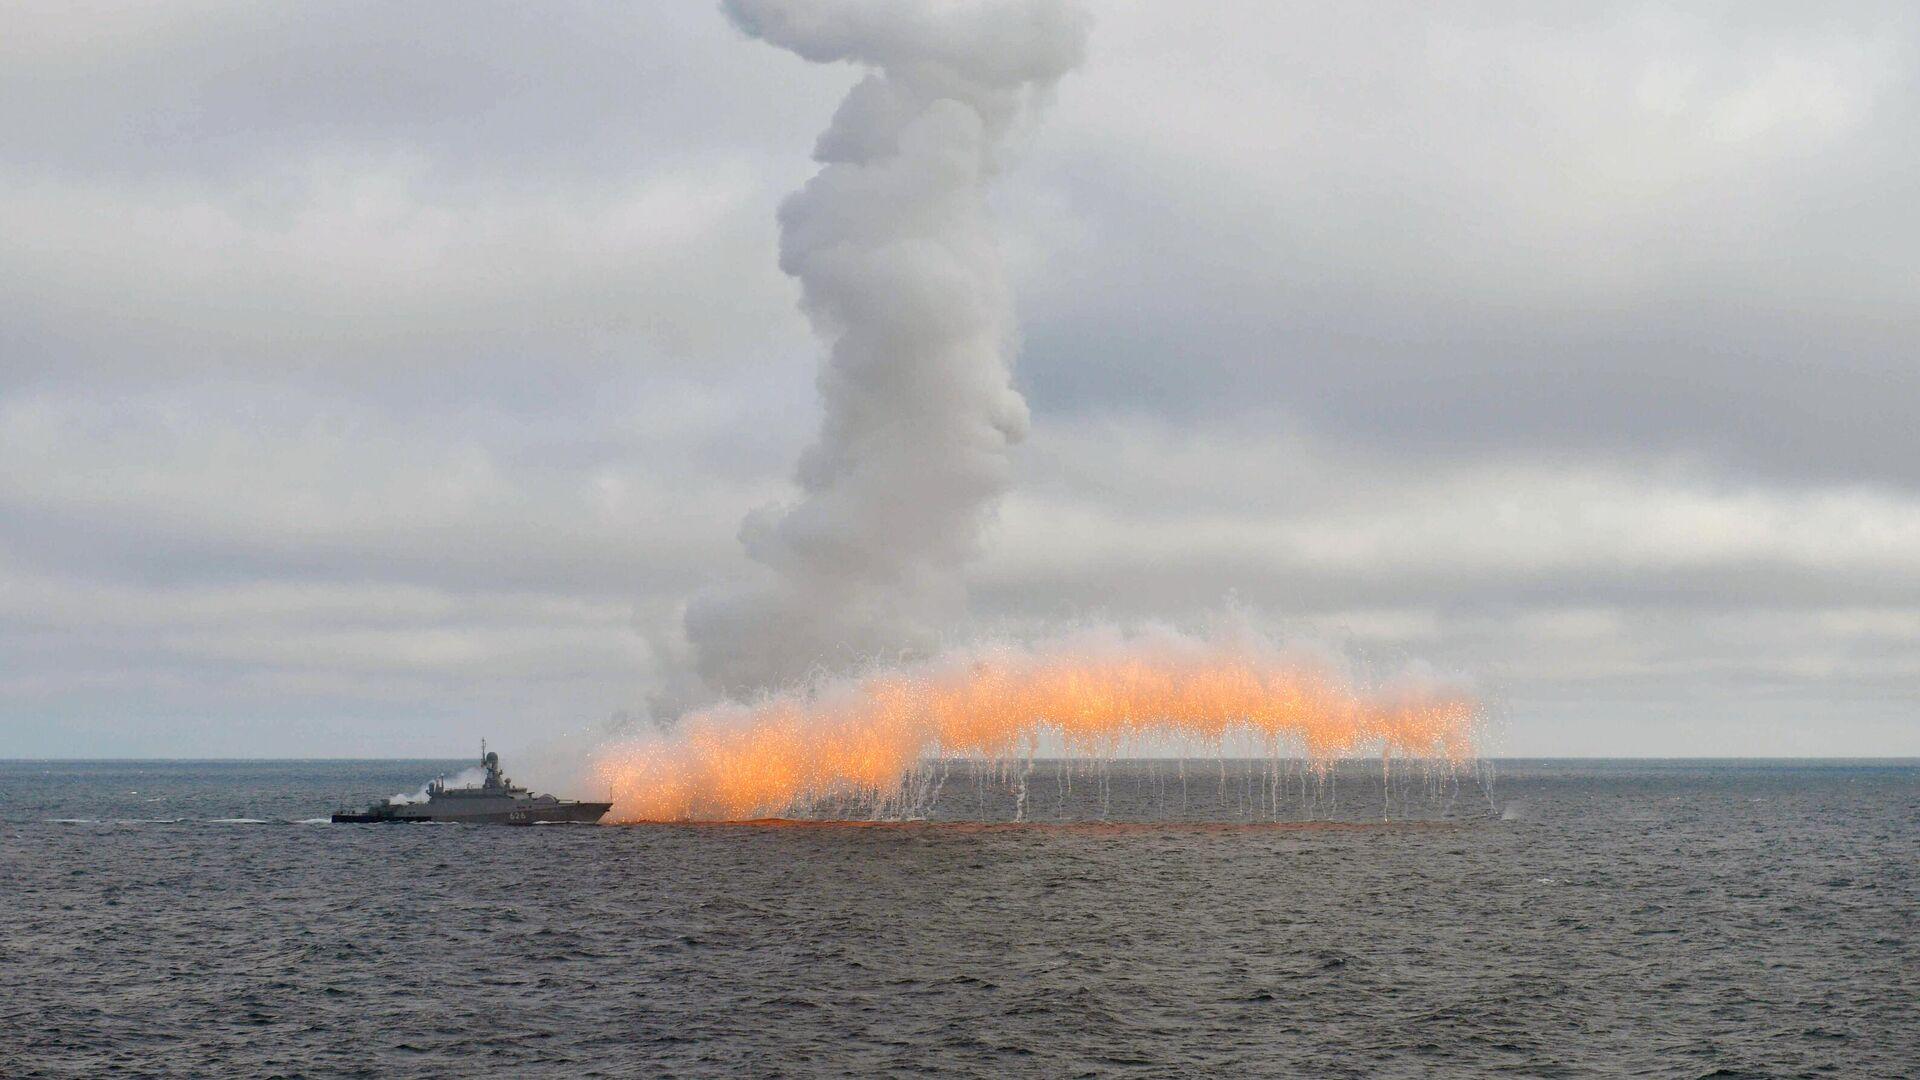 ВМФ Российской Федерации  впервый раз  за10 лет проведёт учения сНАТО